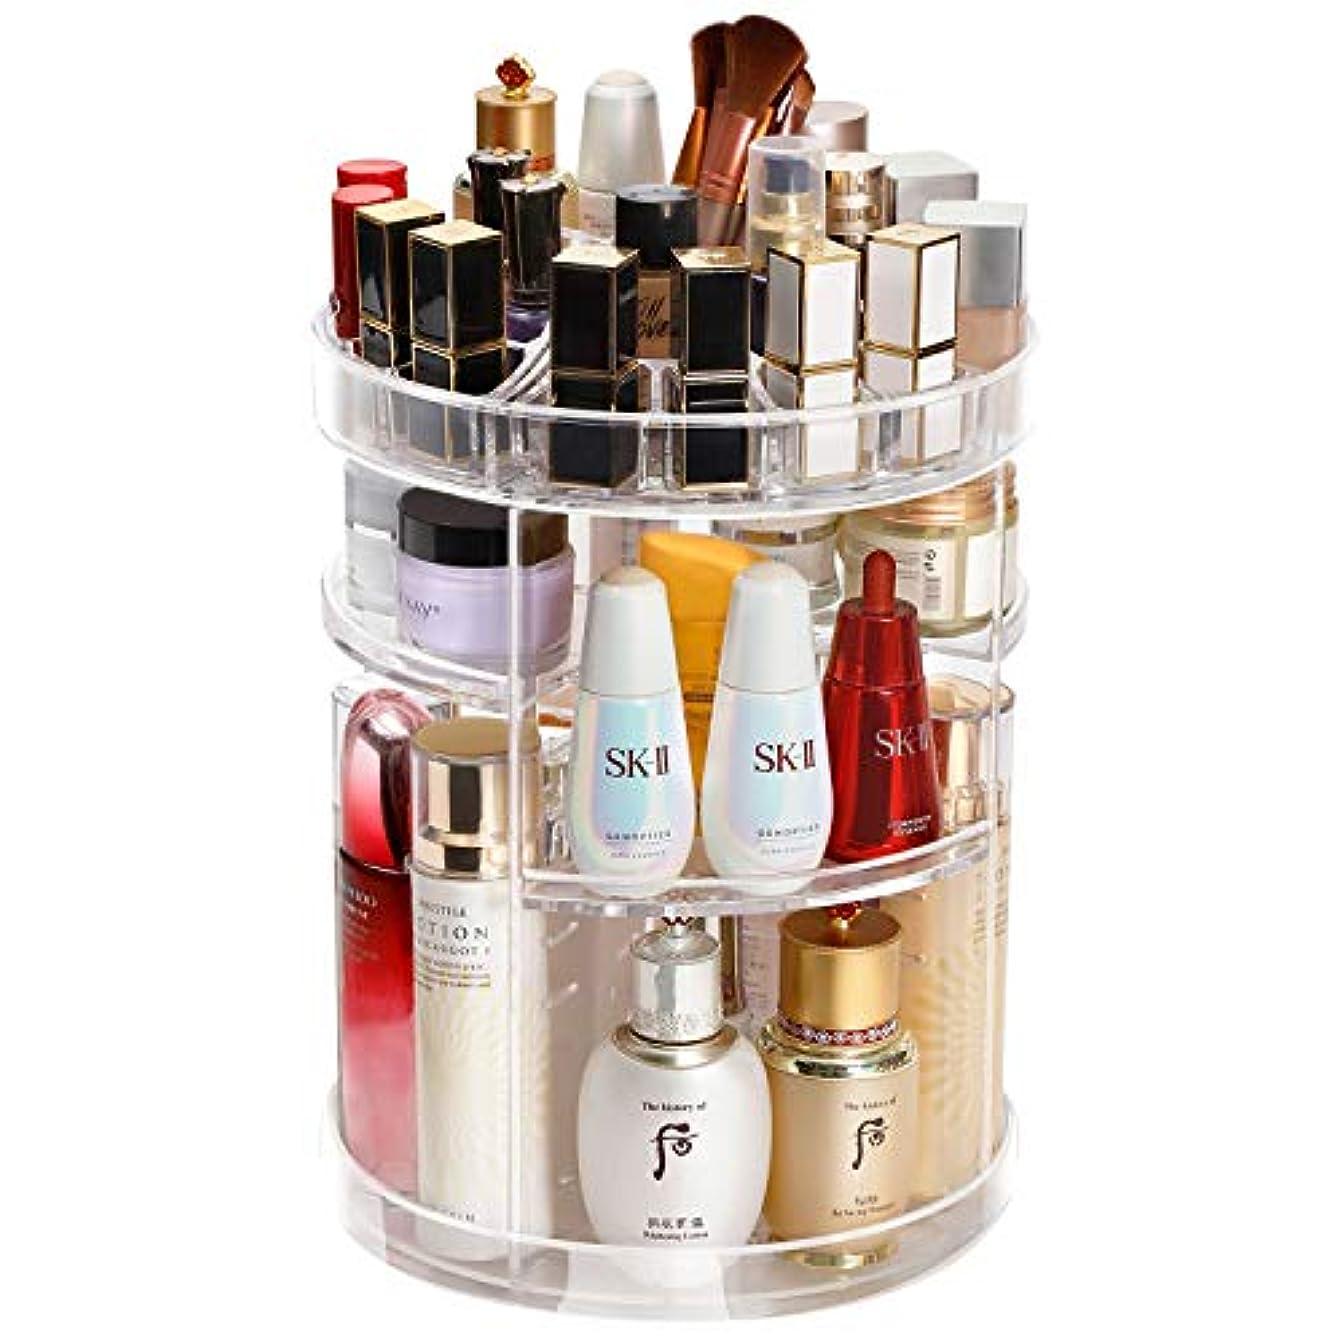 繊毛ドーム動機化粧品収納ボックス 大容量 360°回転可能 収納ボックス 耐久性 透明 口紅 コスメ 小物収納 アクリルケース